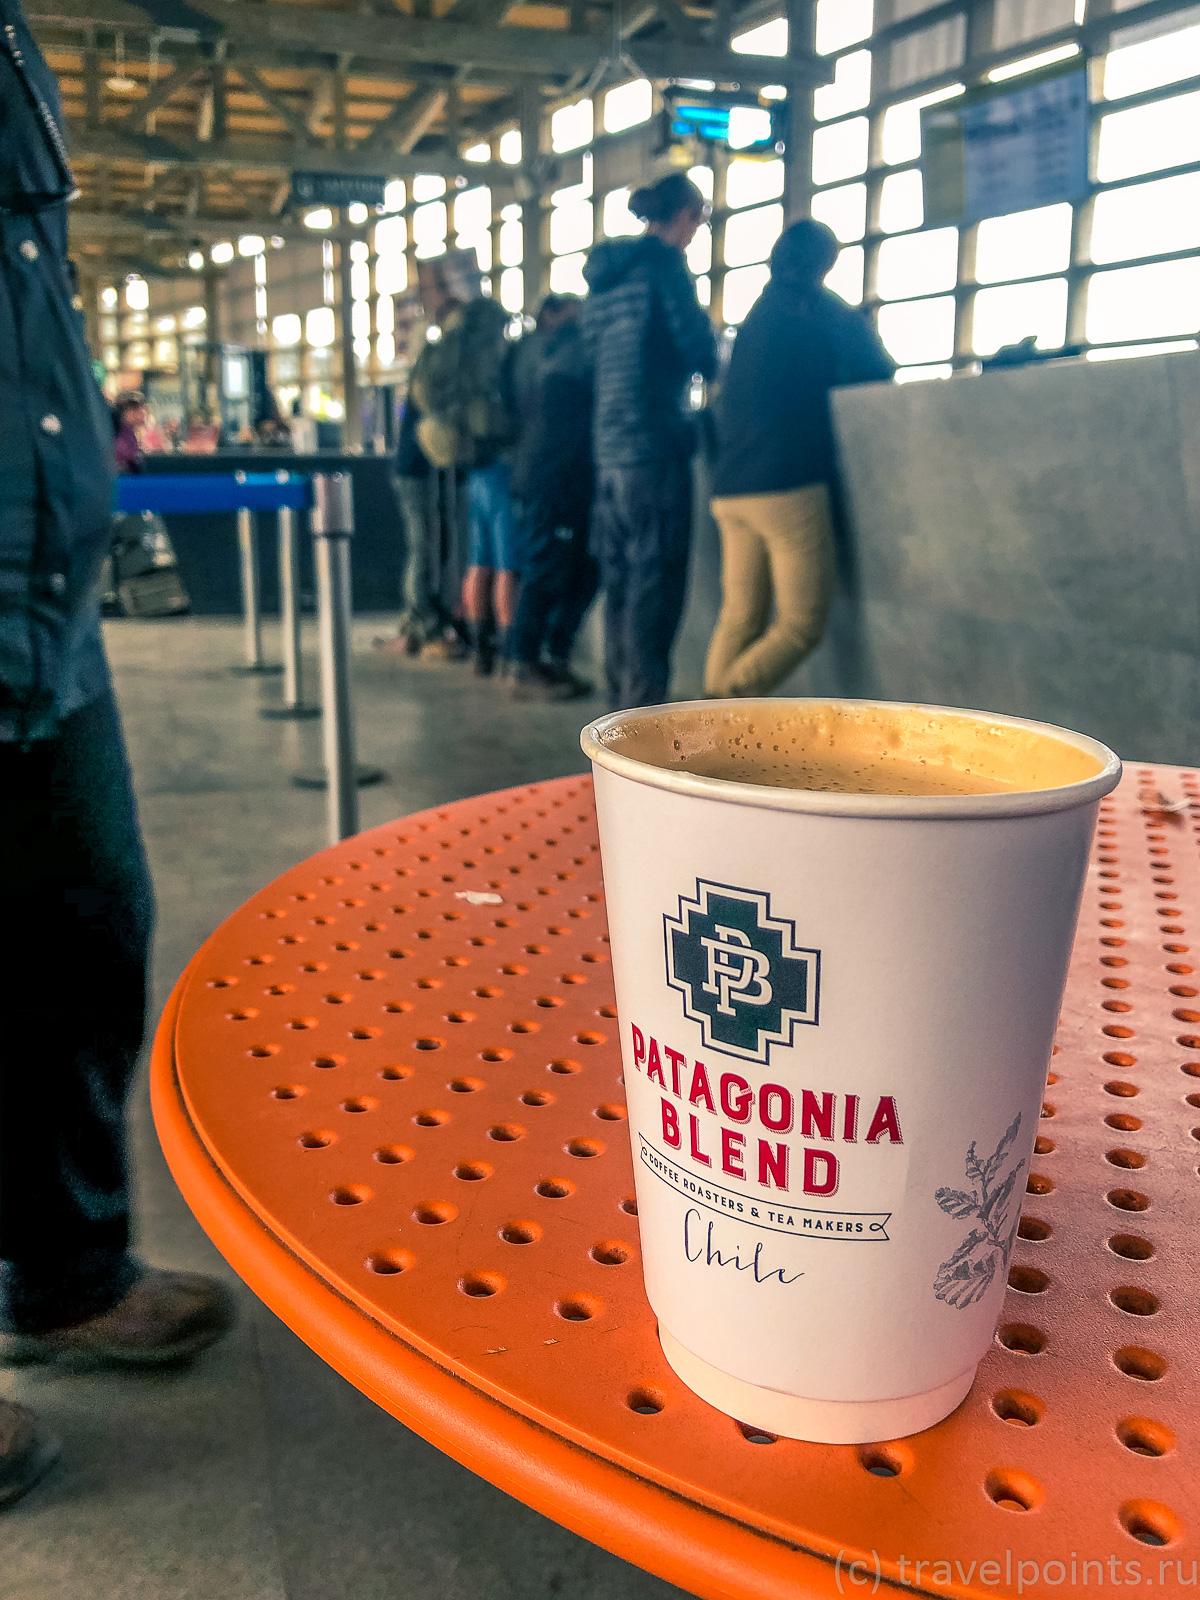 Самый лучший кофе во всей Патагонии!